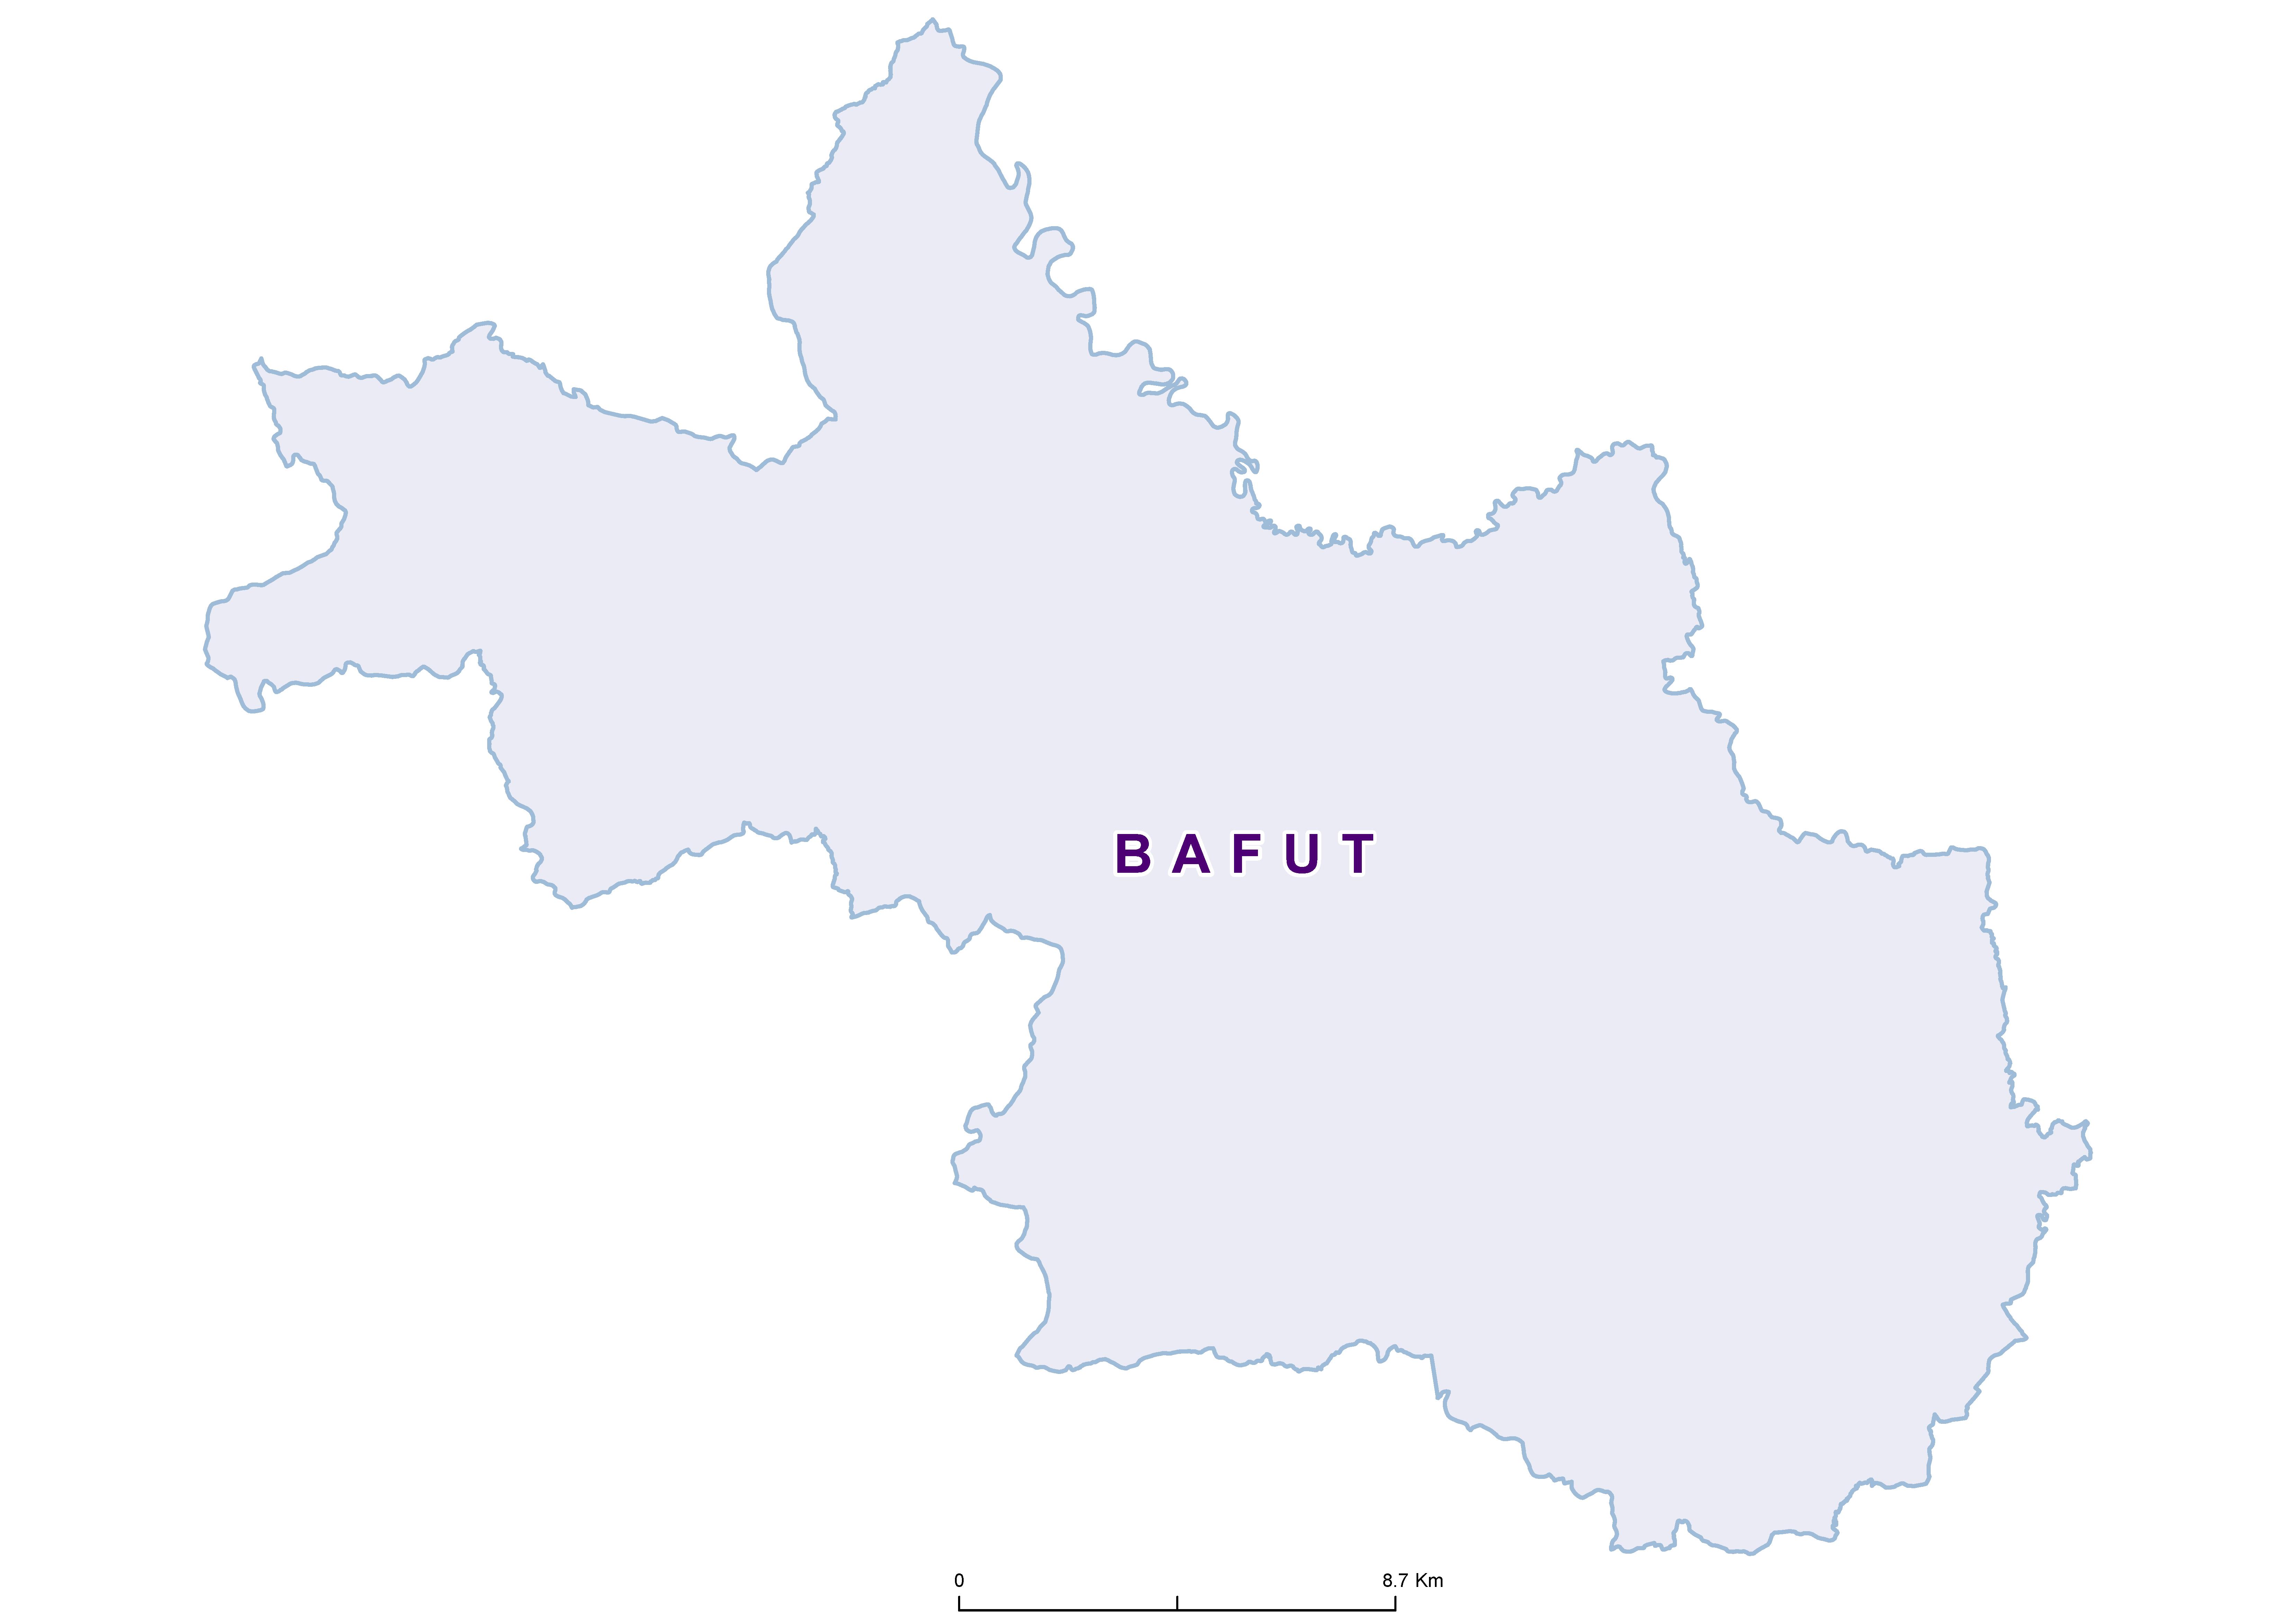 Bafut Mean SCH 19850001